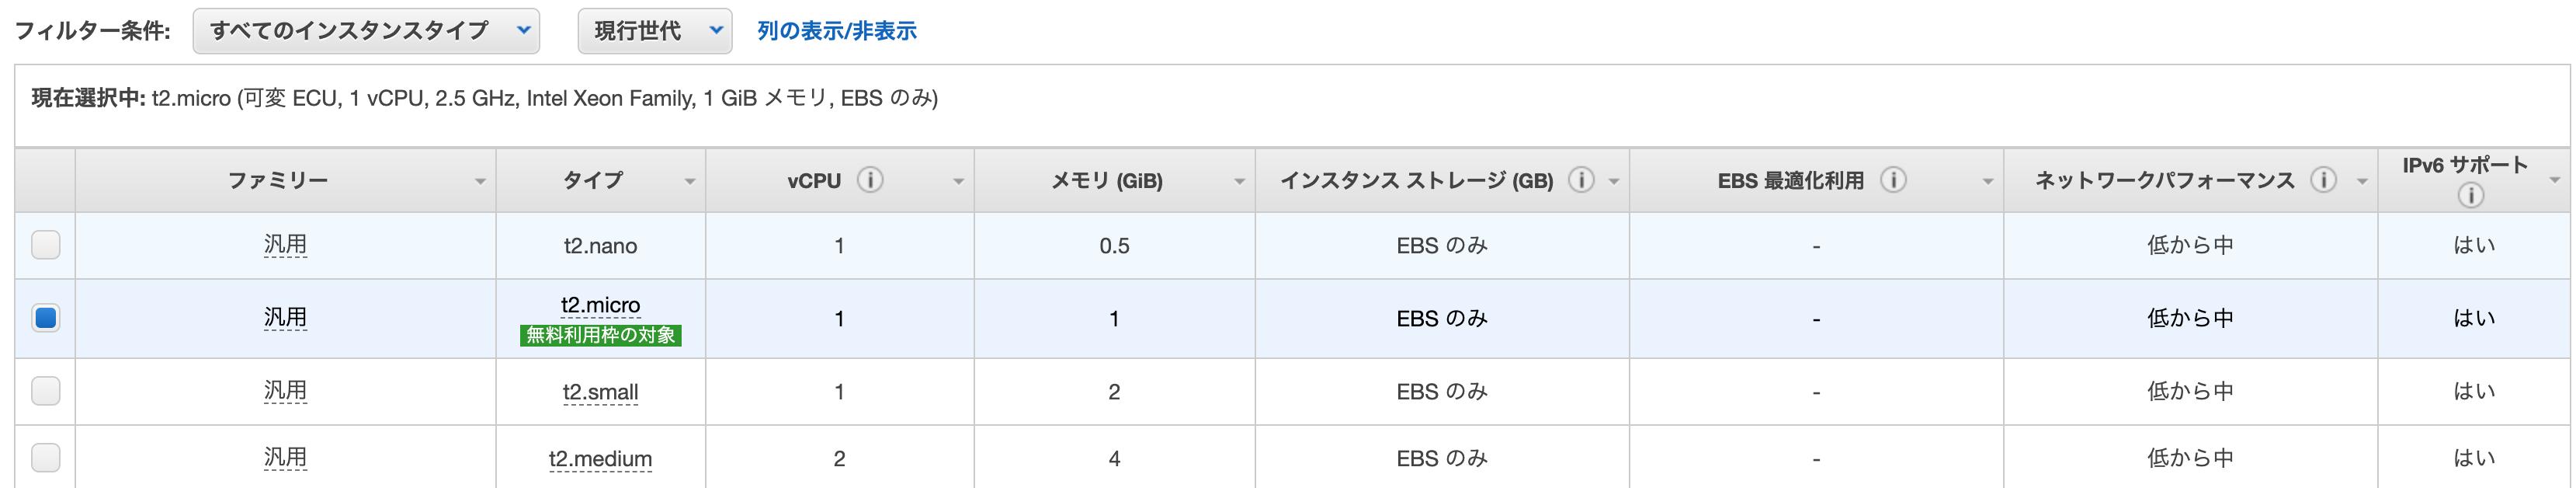 スクリーンショット 2020-01-14 6.17.02.png